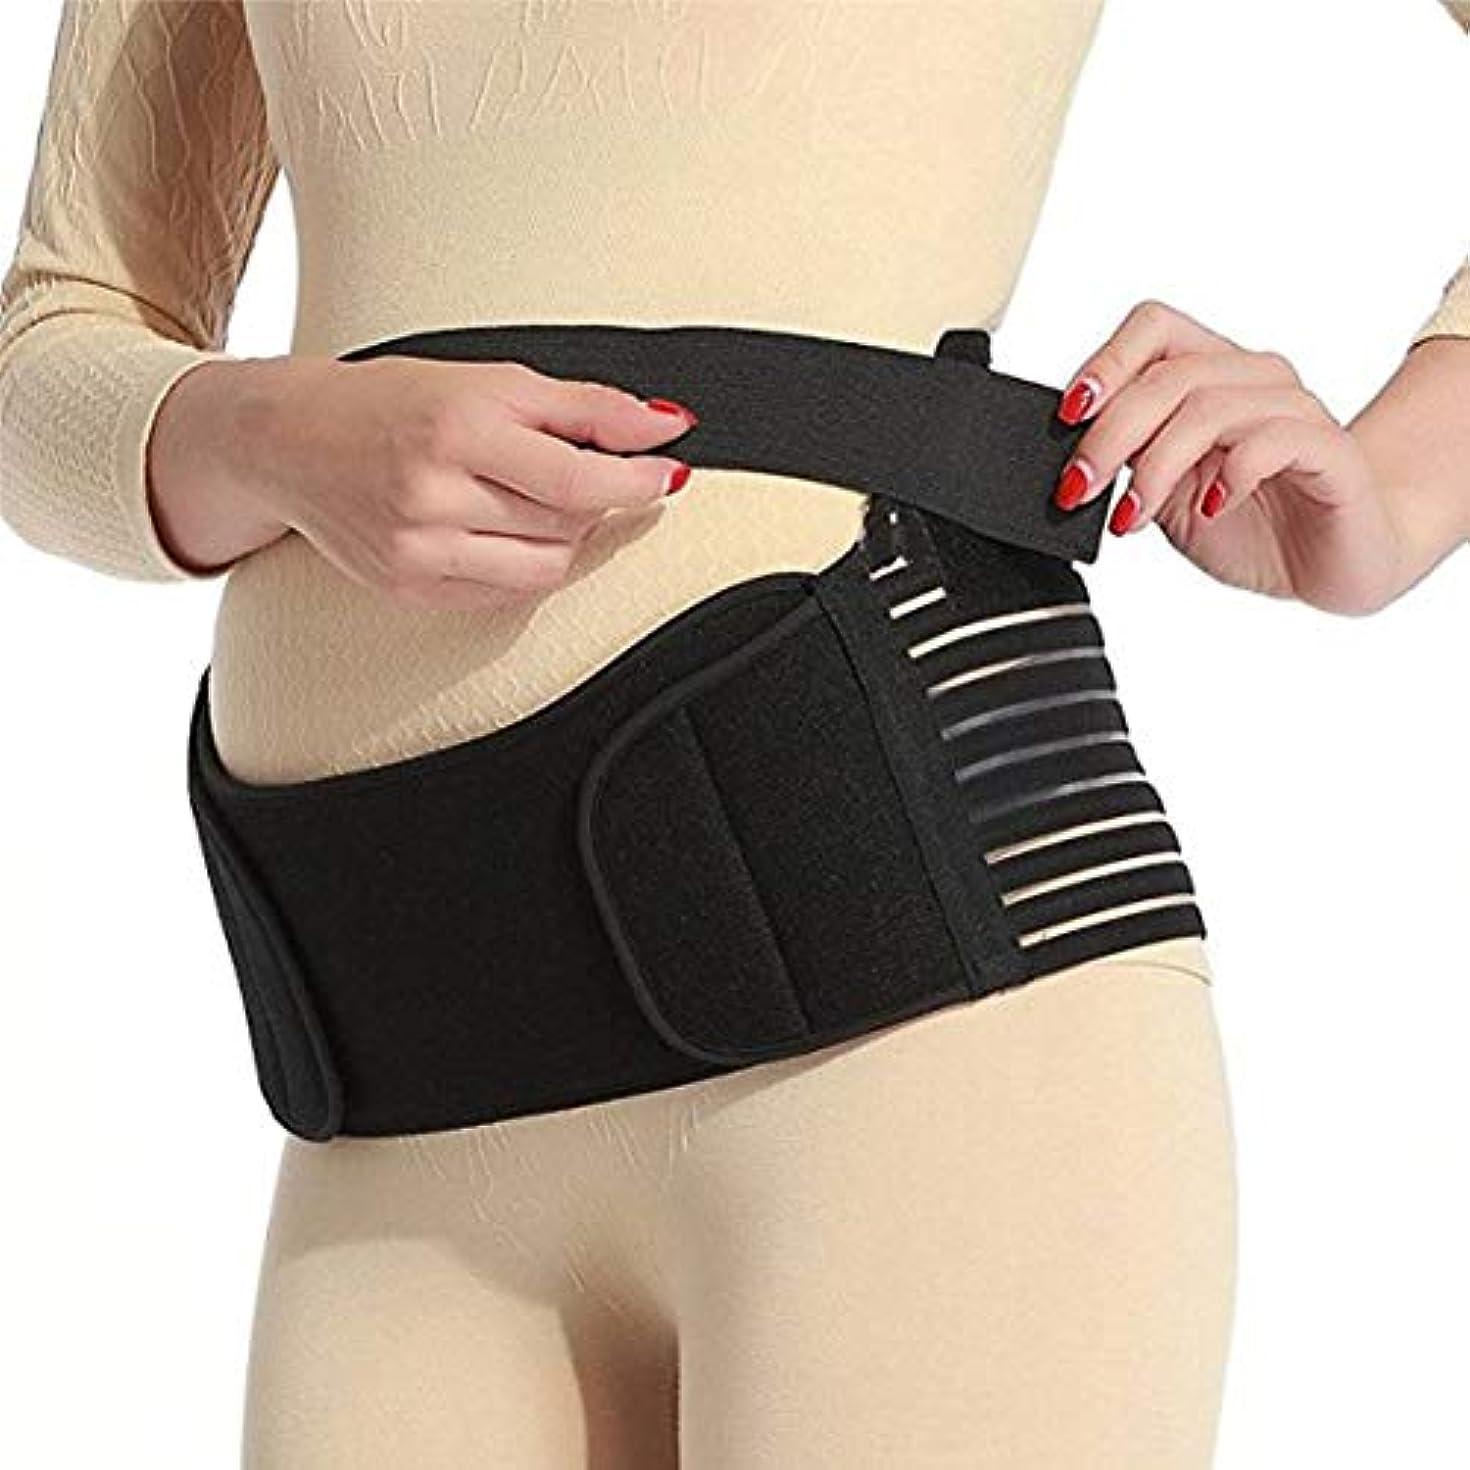 管理閉じるモニター通気性マタニティベルト妊娠中の腹部サポート腹部バインダーガードル運動包帯産後の回復shapewear - ブラックM